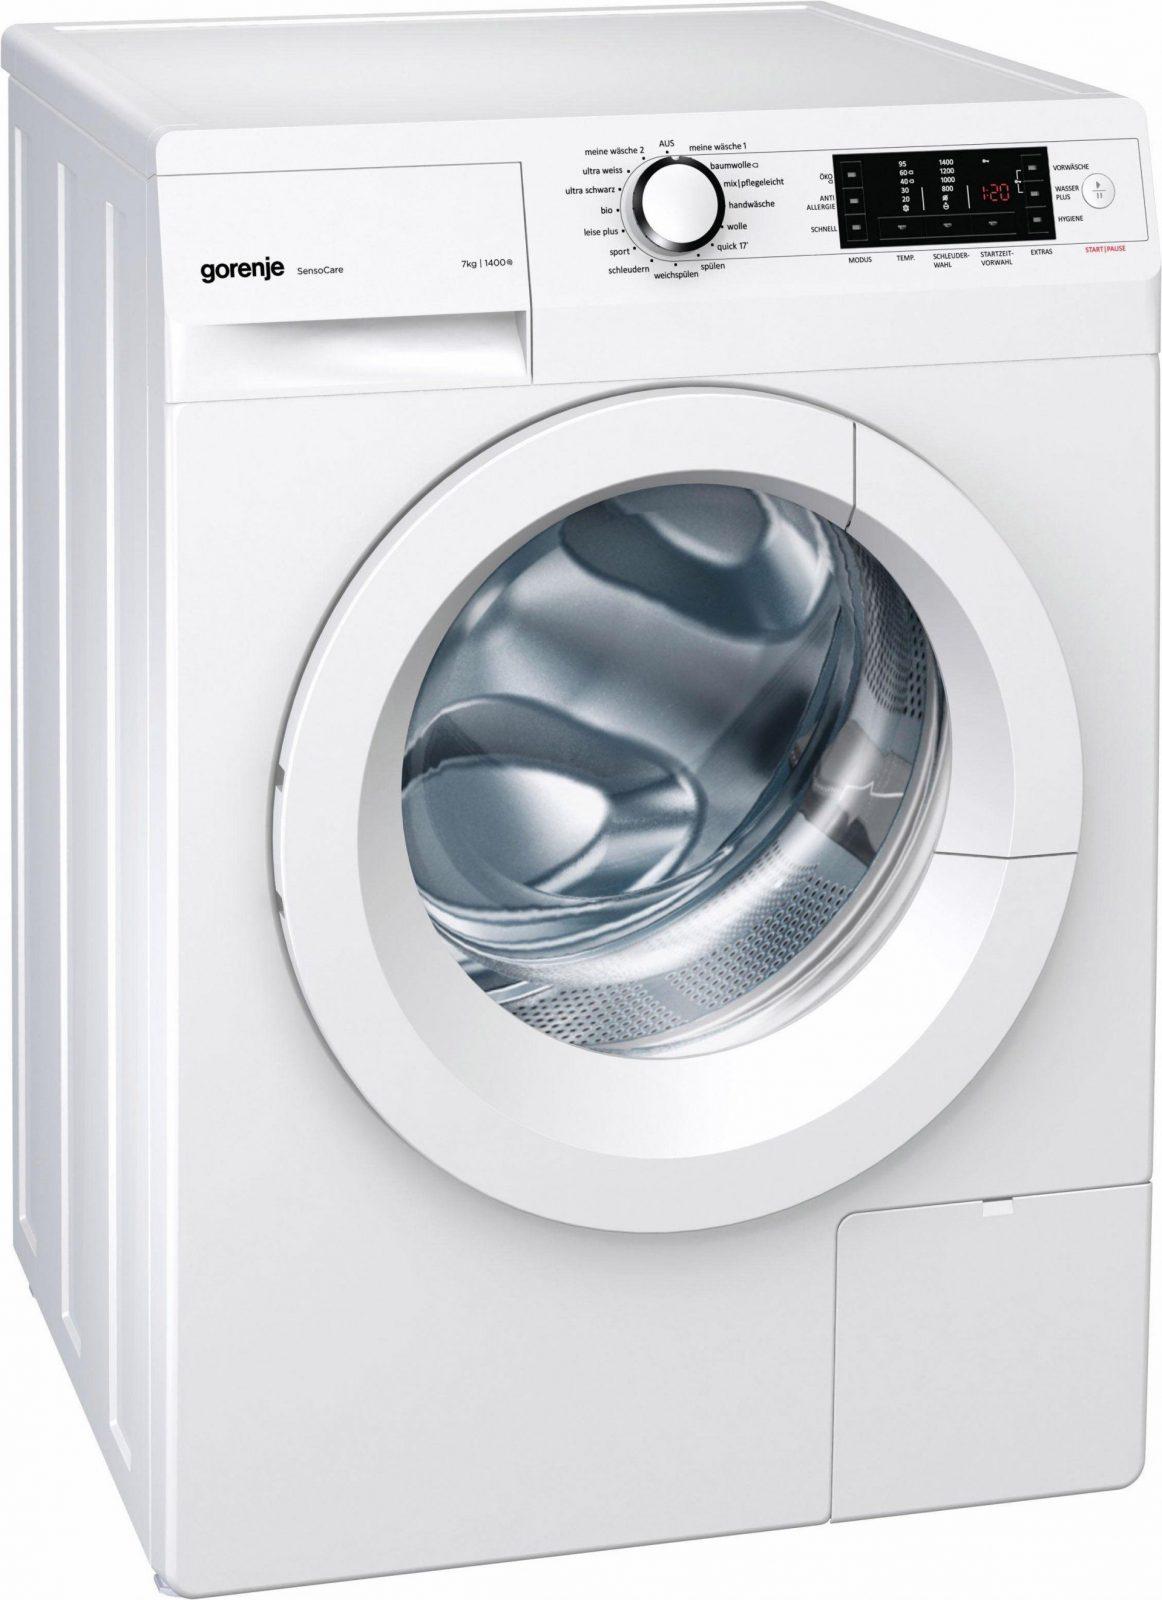 Bauknecht Super Eco 7415 Waschmaschine Im Test 2018 von Waschmaschine Bauknecht Super Eco 7415 Bild